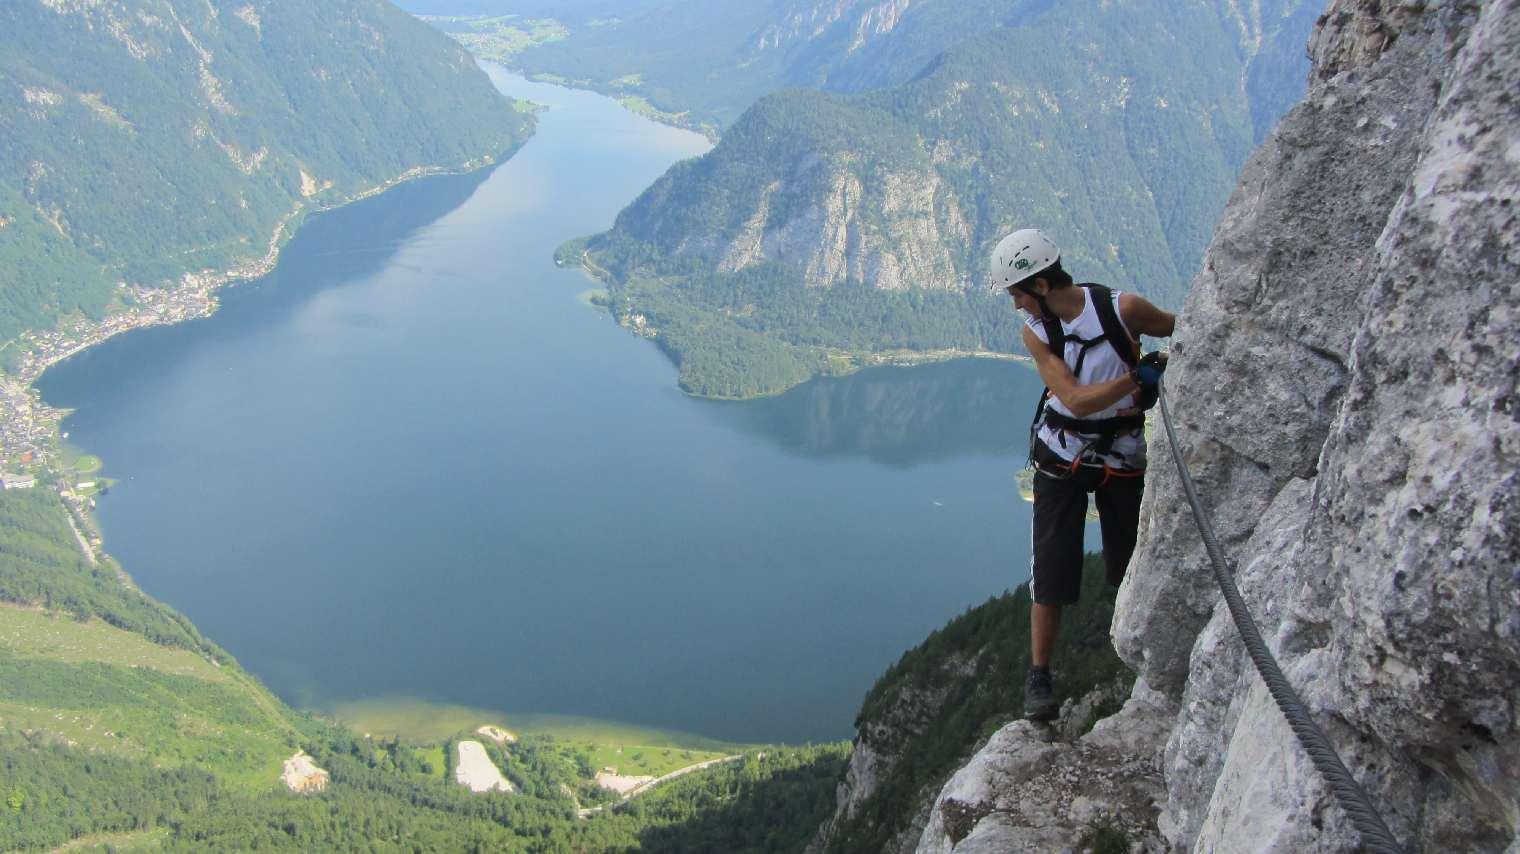 Klettersteig Seewand : Seewand klettersteig alpenverein